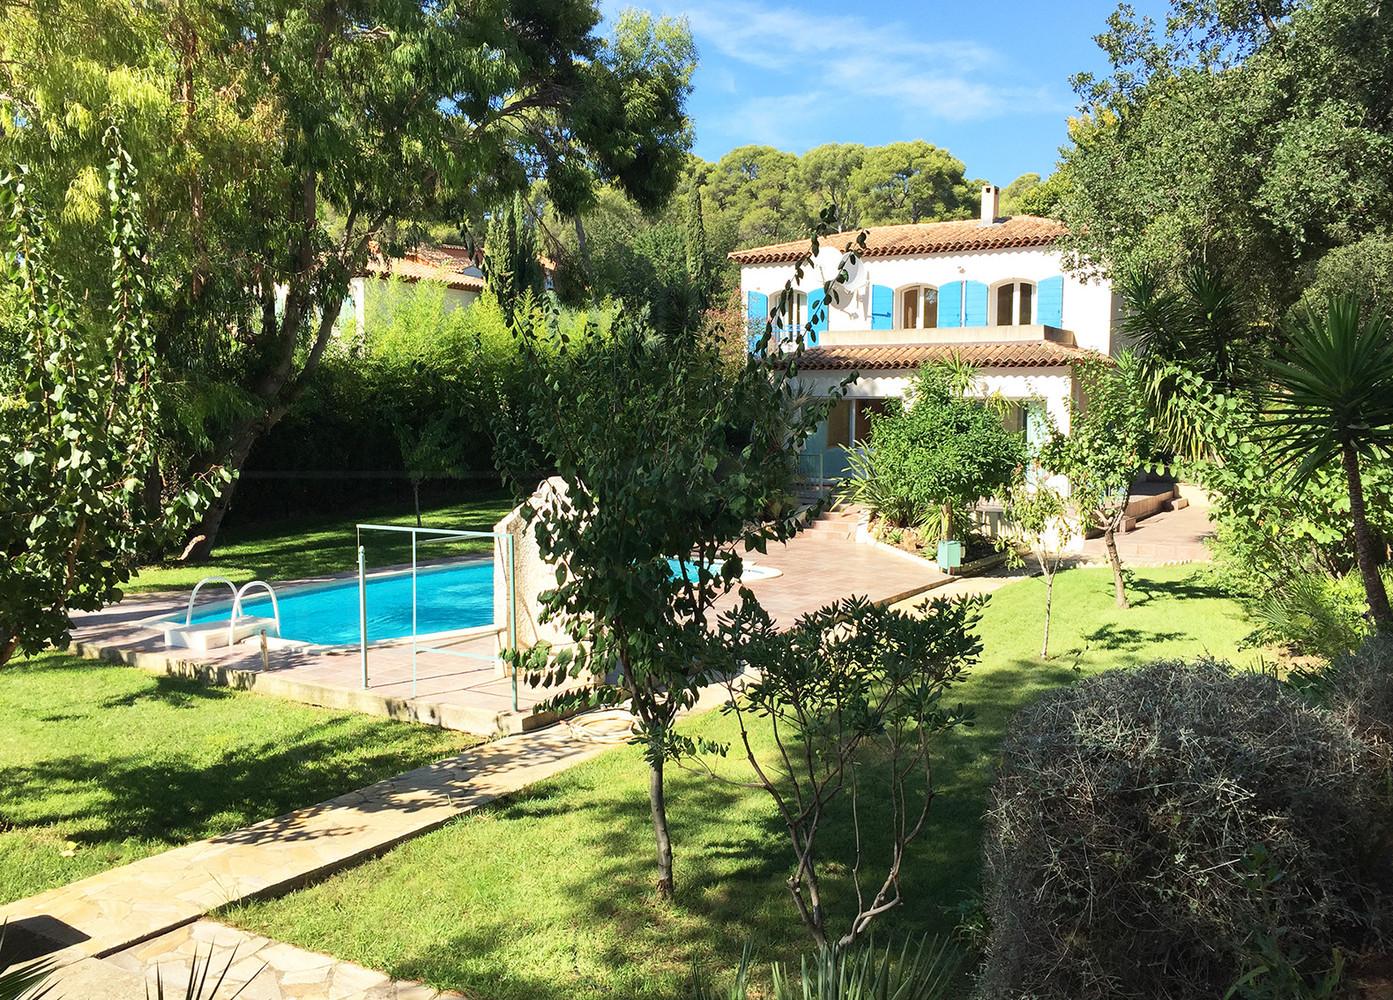 maison a vendre  la londe plage a pieds  villa avec 5 chambres et piscine  var  cote dazur